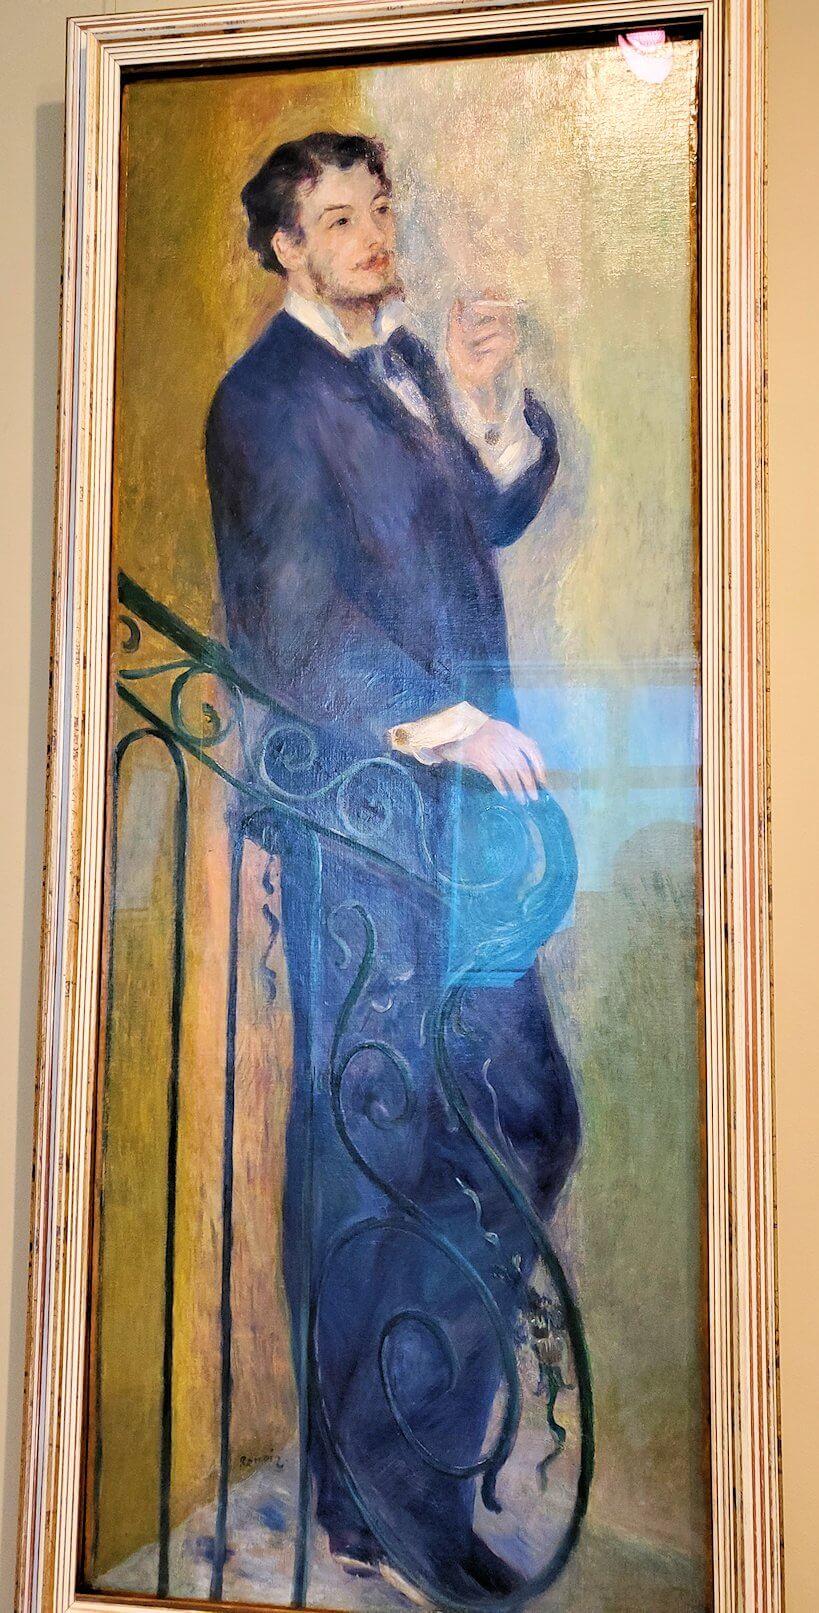 『階段の男』 (Man on a Stair) by ピエール・オーギュスト・ルノワール